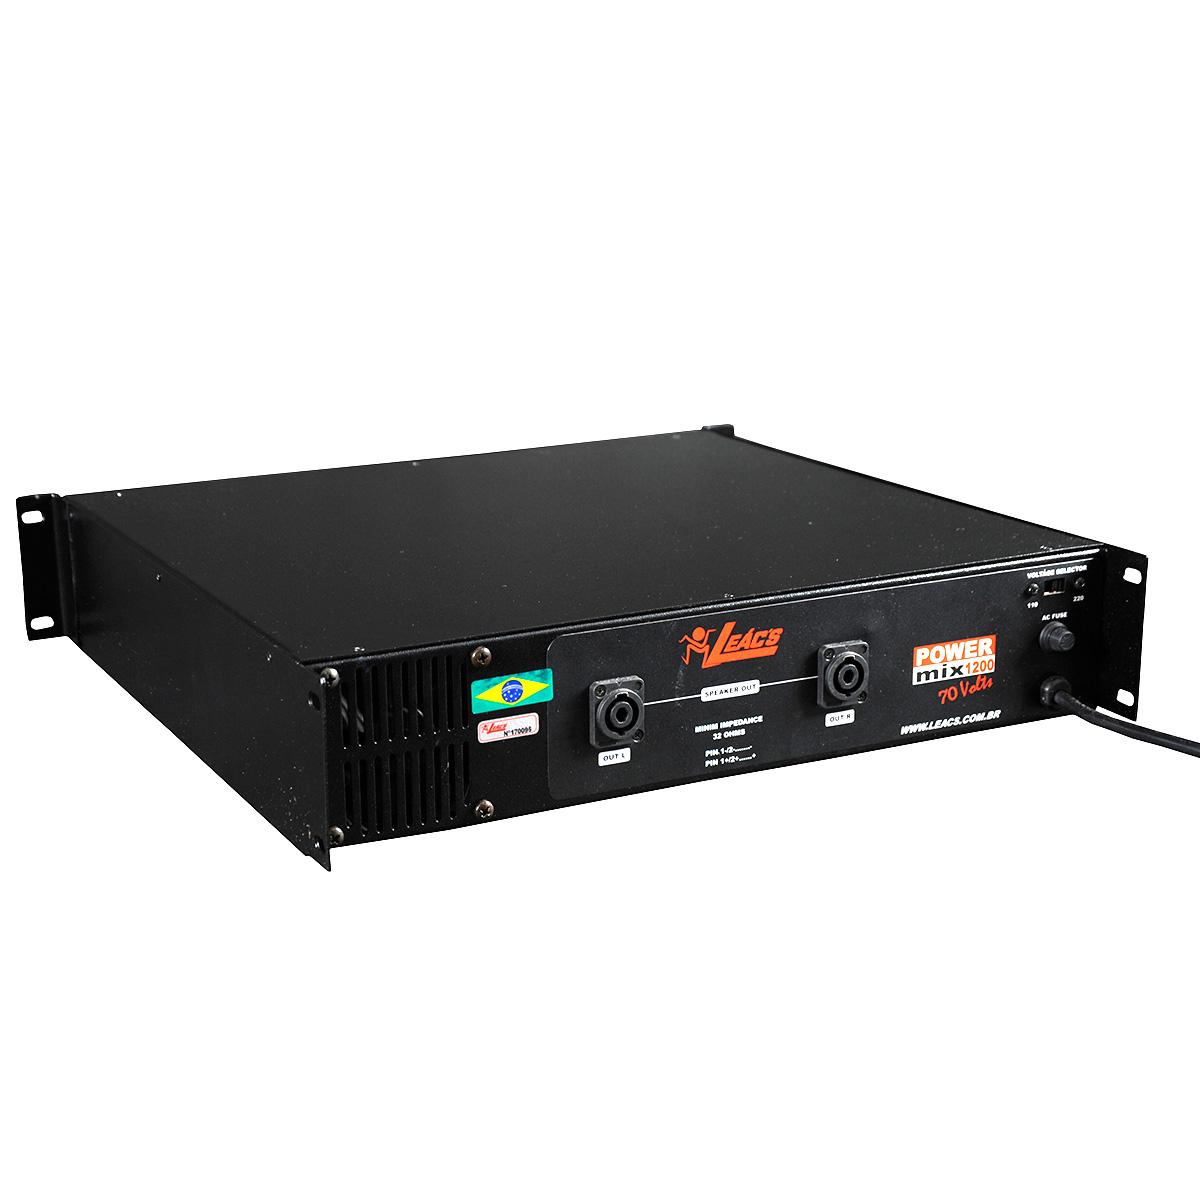 Pré Amplificador c/ Gongo e Equalizador 300W POWER MIX 1200 70V - Leacs